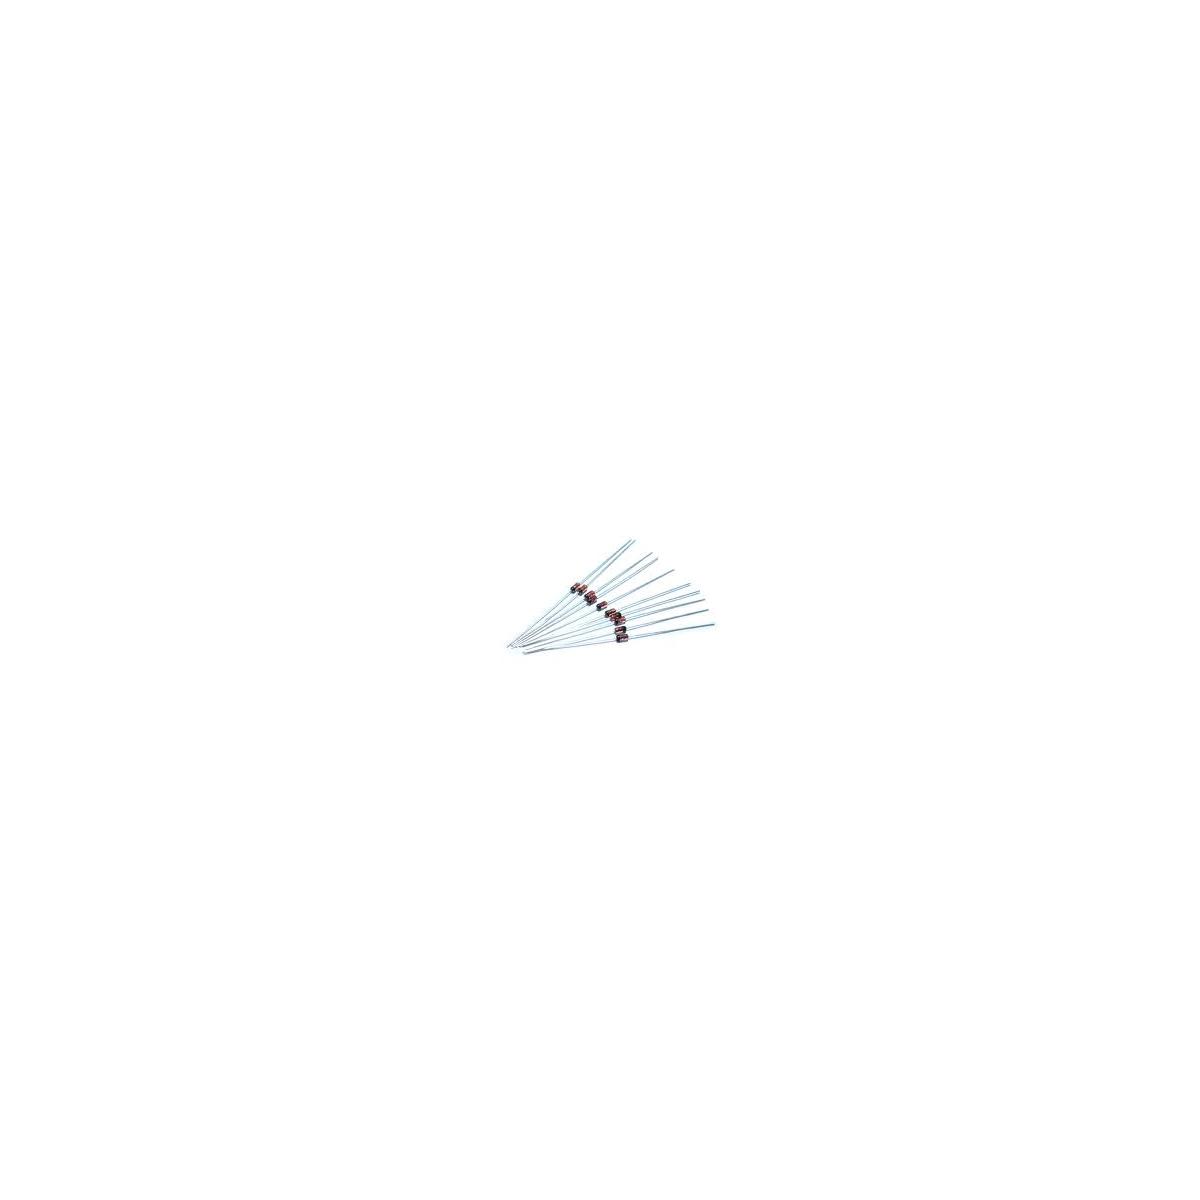 ZENNER 1W (PACOTE COM 10 UNIDADES )-1N 4734 - 5V6